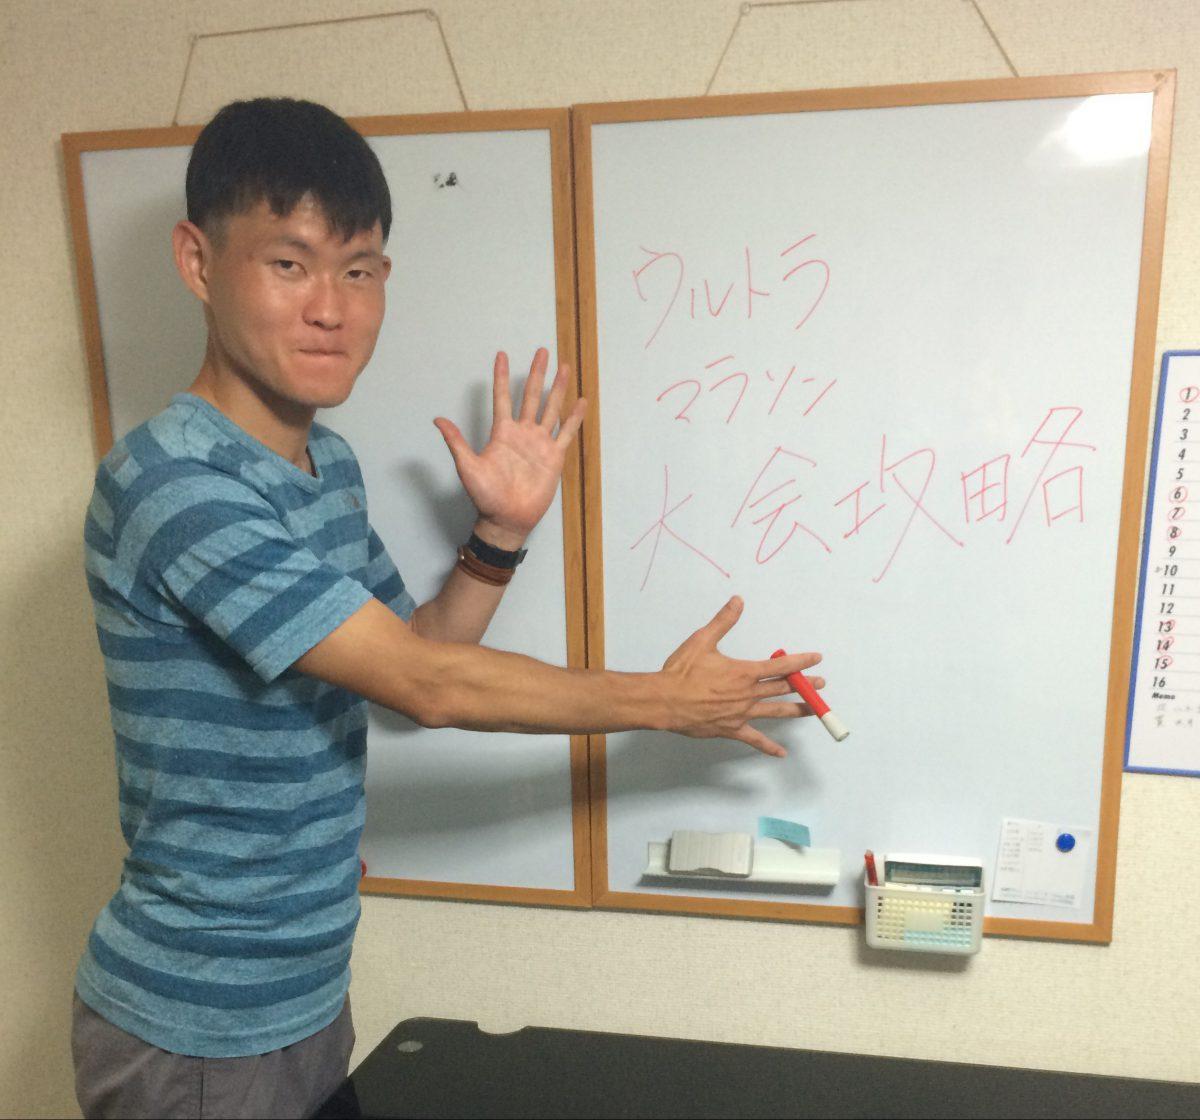 ウルトラマラソン大会攻略方法【井上選手対談その3】